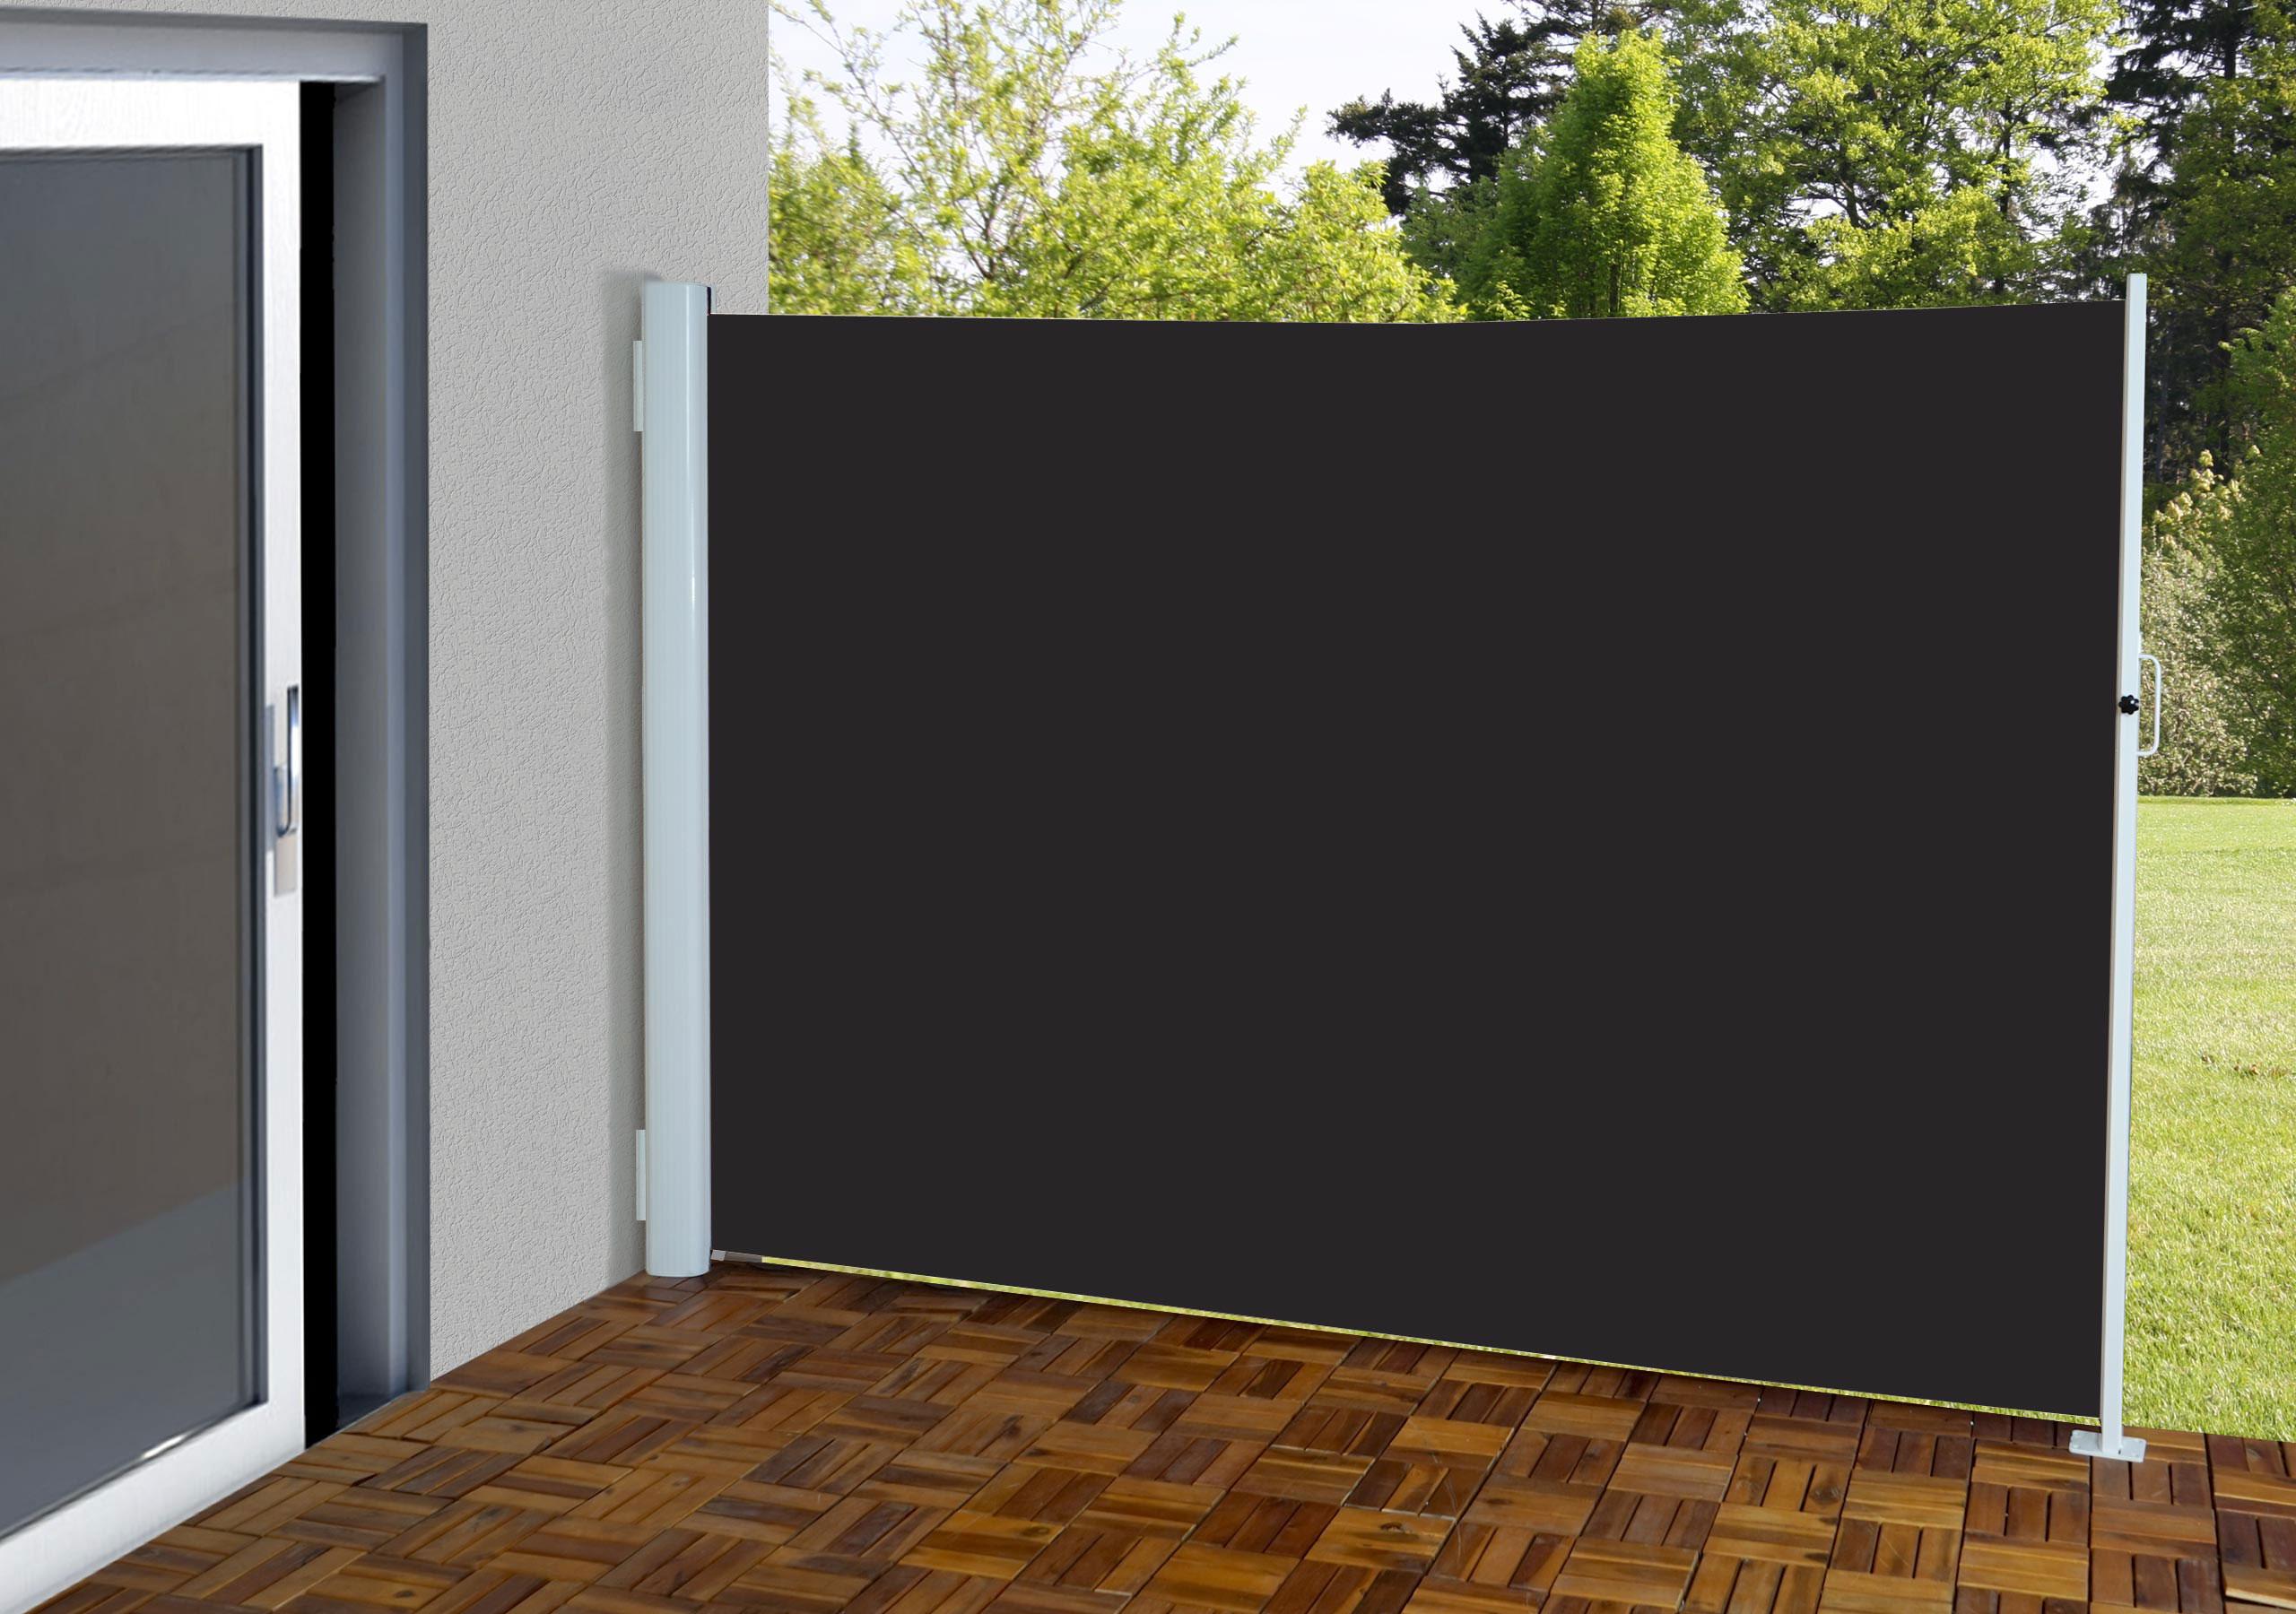 wundersch nen sichtschutz markise einzigartige ideen zum sichtschutz. Black Bedroom Furniture Sets. Home Design Ideas